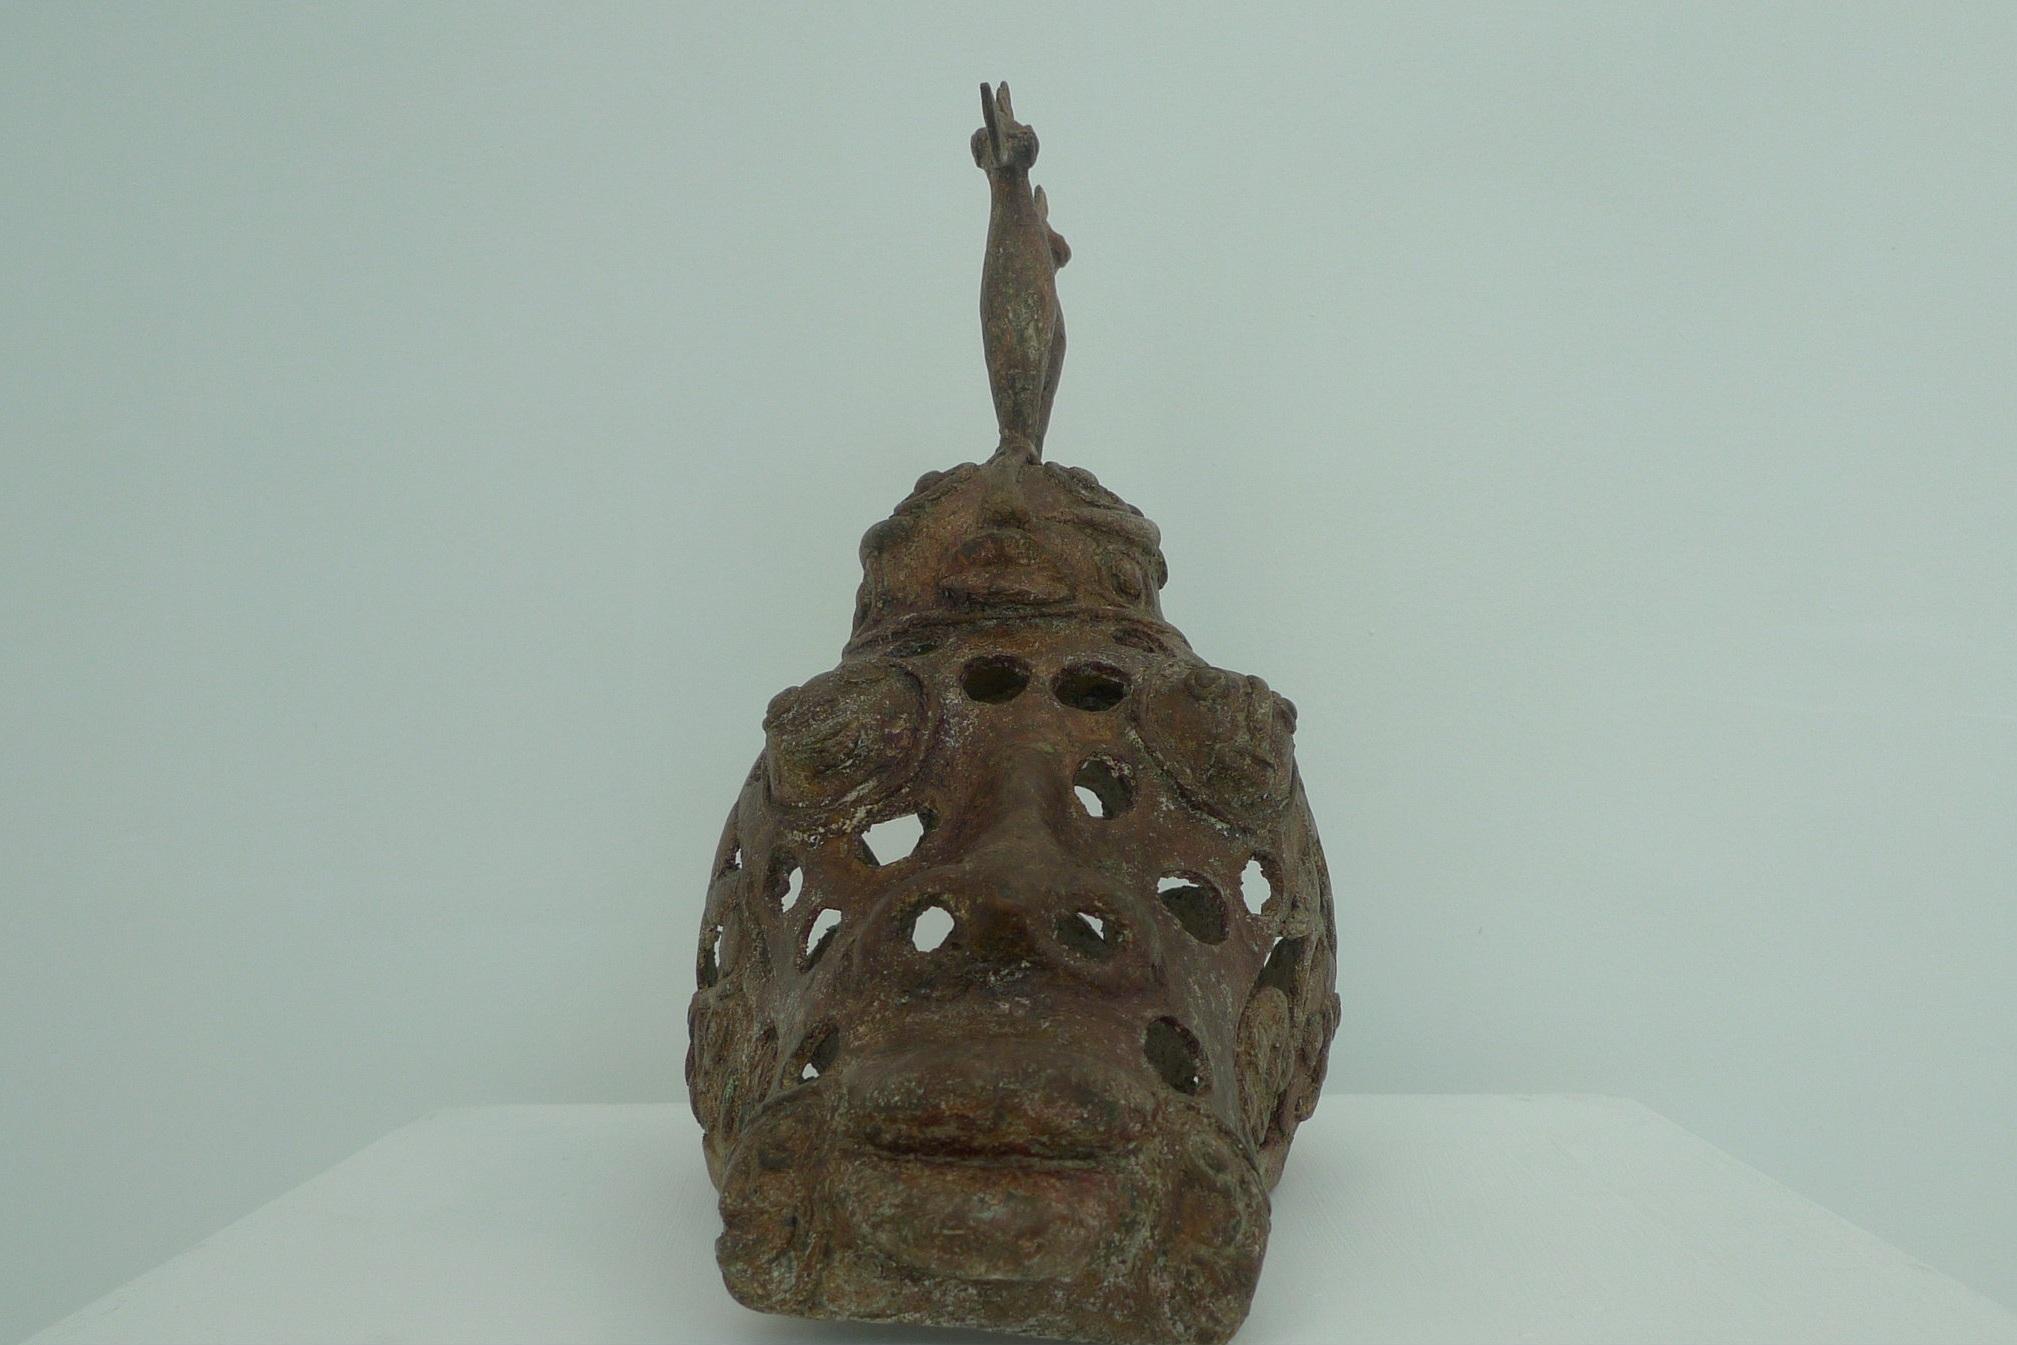 Histoire de têtes II, 30x40cm, Sculpture bronze, 2018